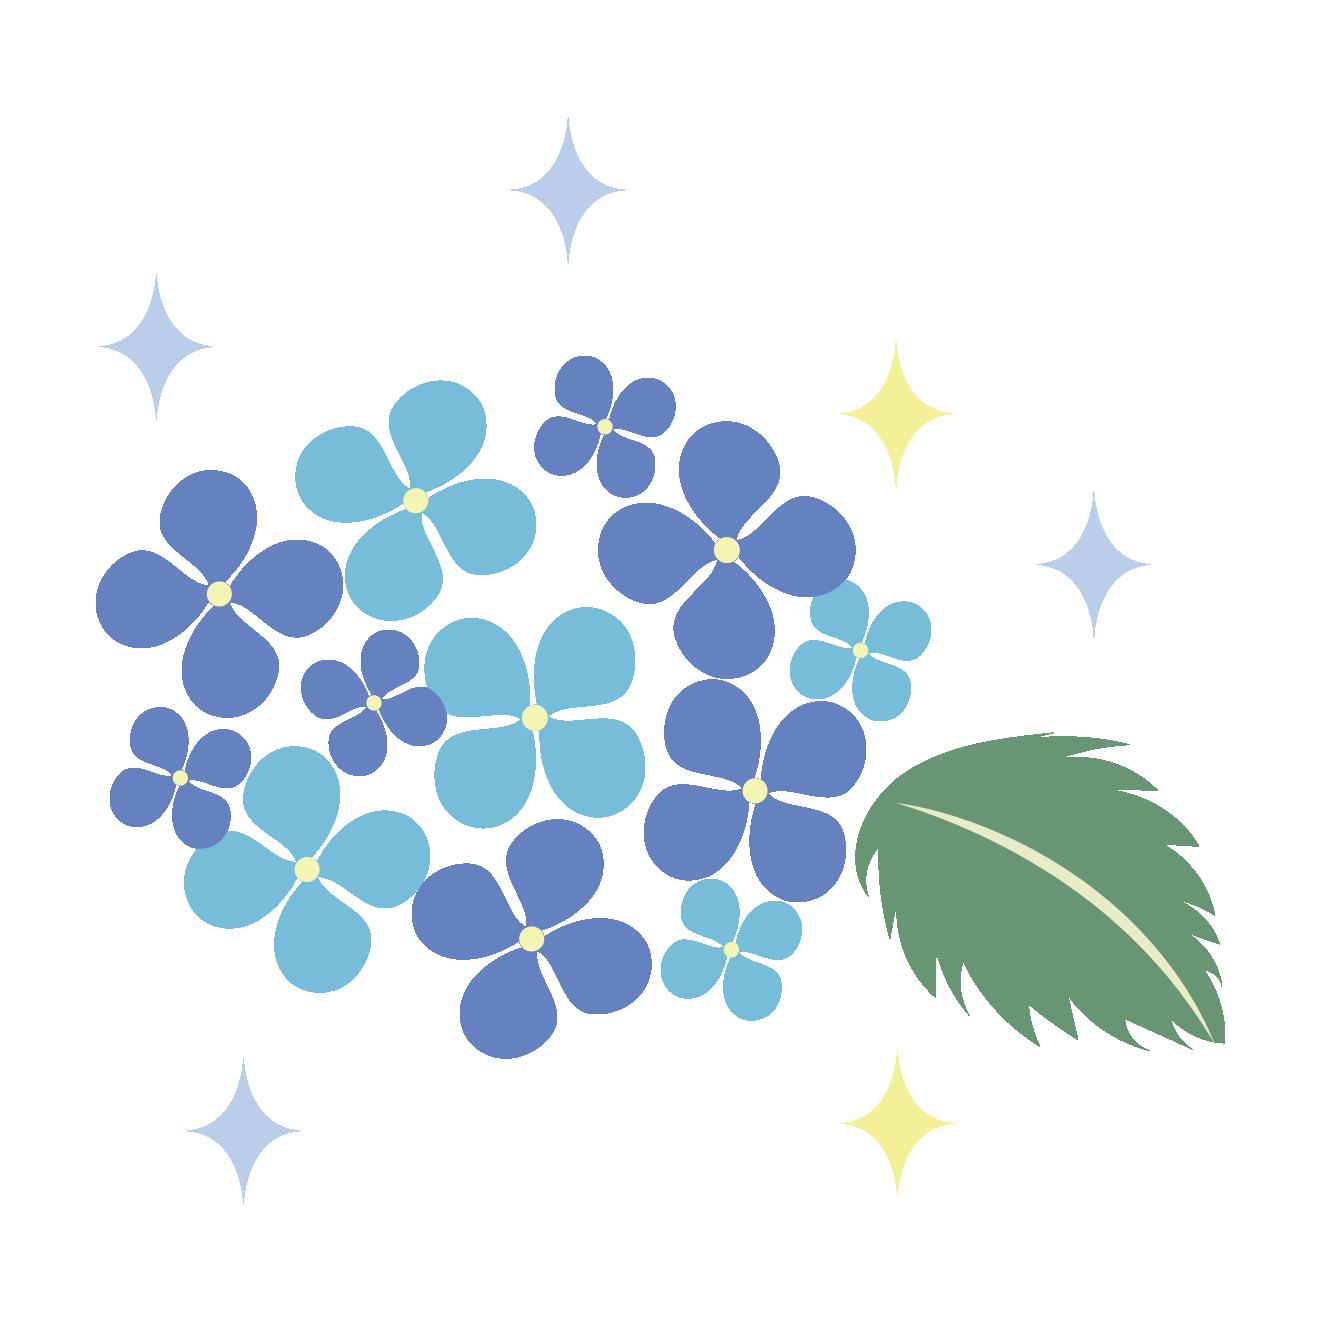 ブルーの紫陽花アジサイフリー イラスト 商用フリー無料の